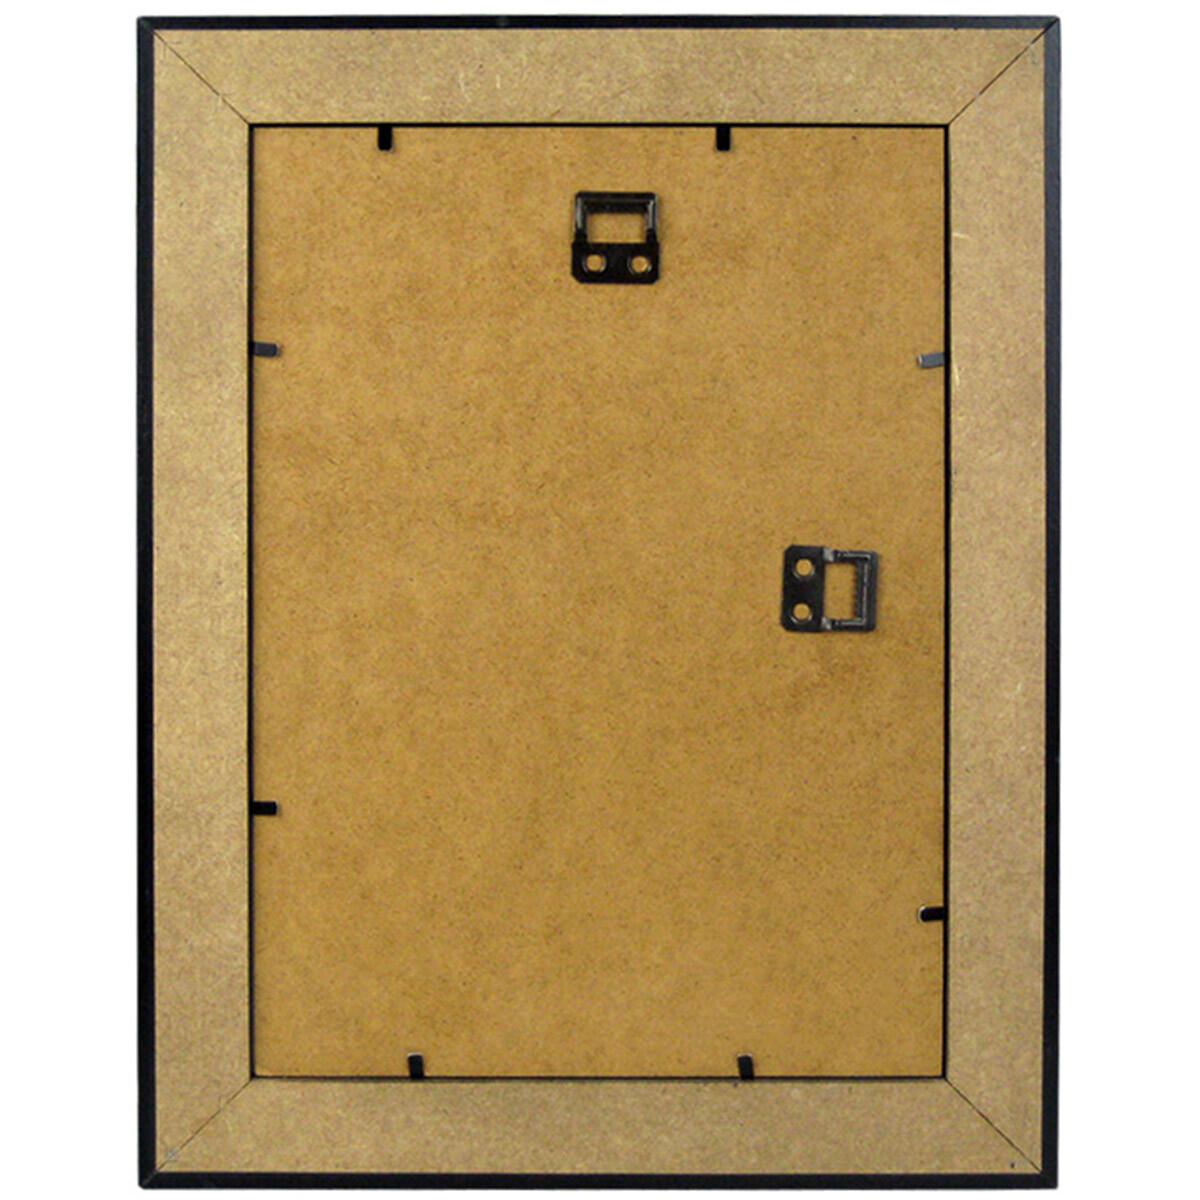 Holz Bilderrahmen Türkis Holz 13 x 18 bis 60 x 80  cm Glas Scheibe Fotorahmen